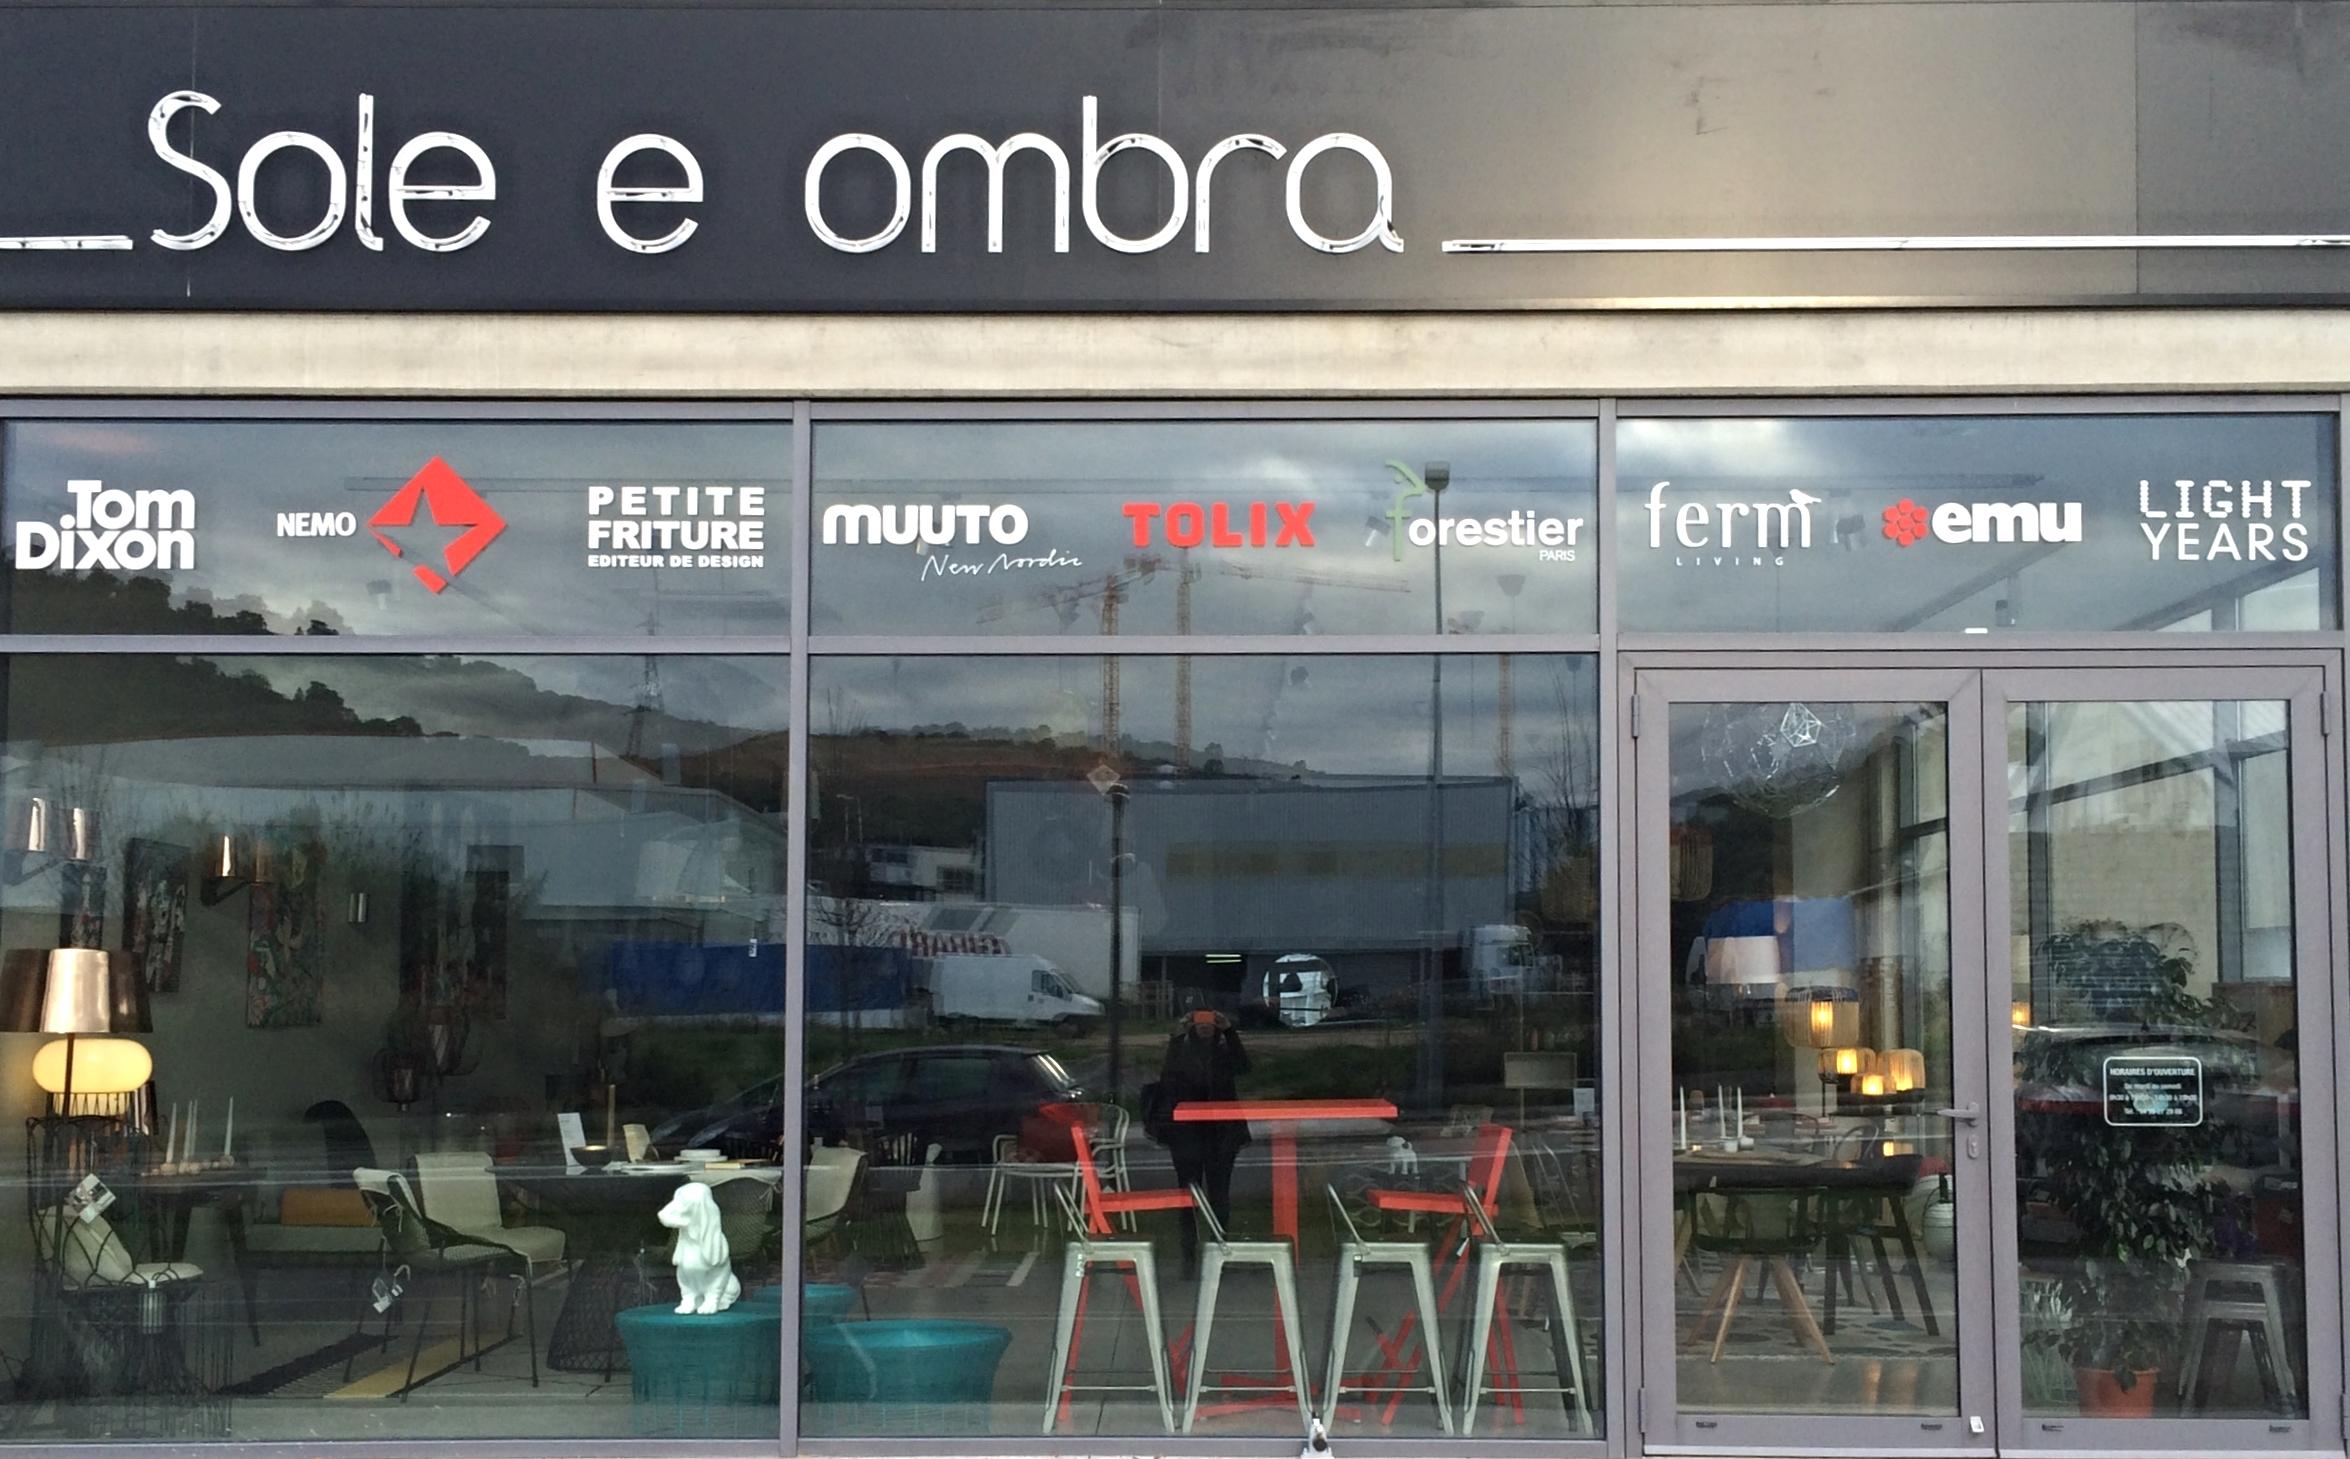 Sole e Ombra est une boutique de mobilier In & Outdoor - Luminaires située à Ajaccio, Mezzavia